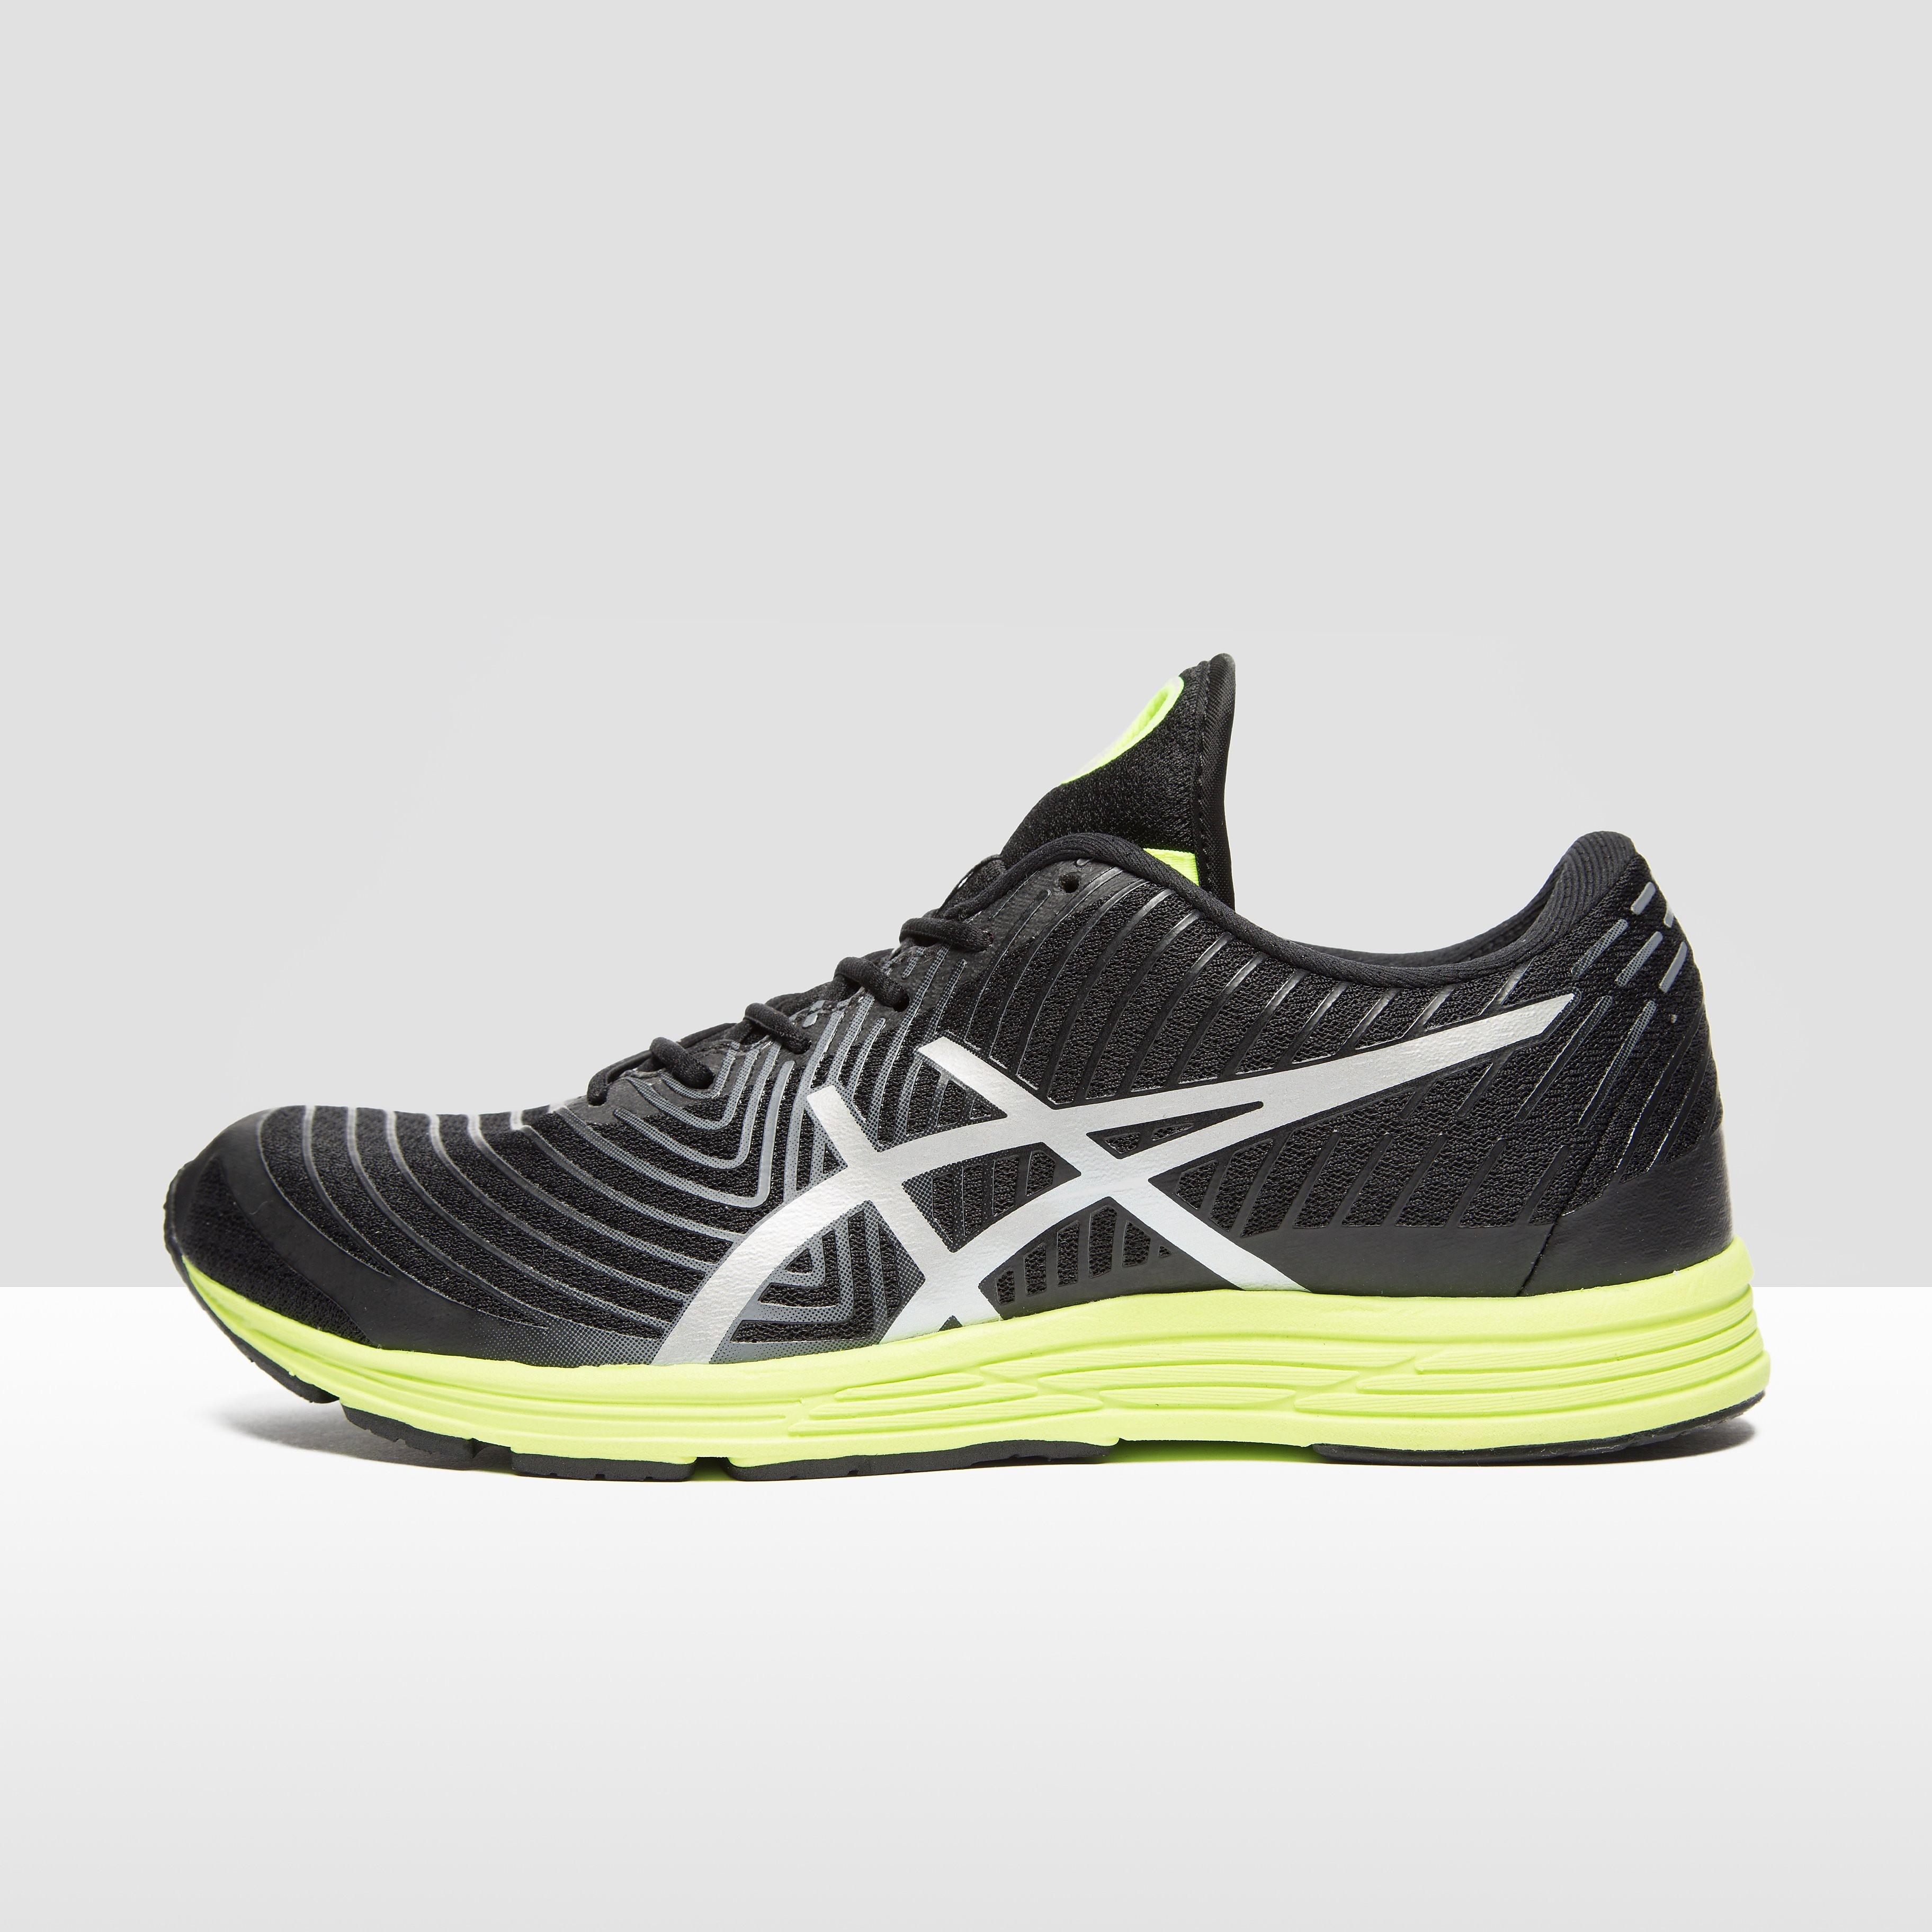 ASICS Gel-Hyper Tri 3 men's running shoes